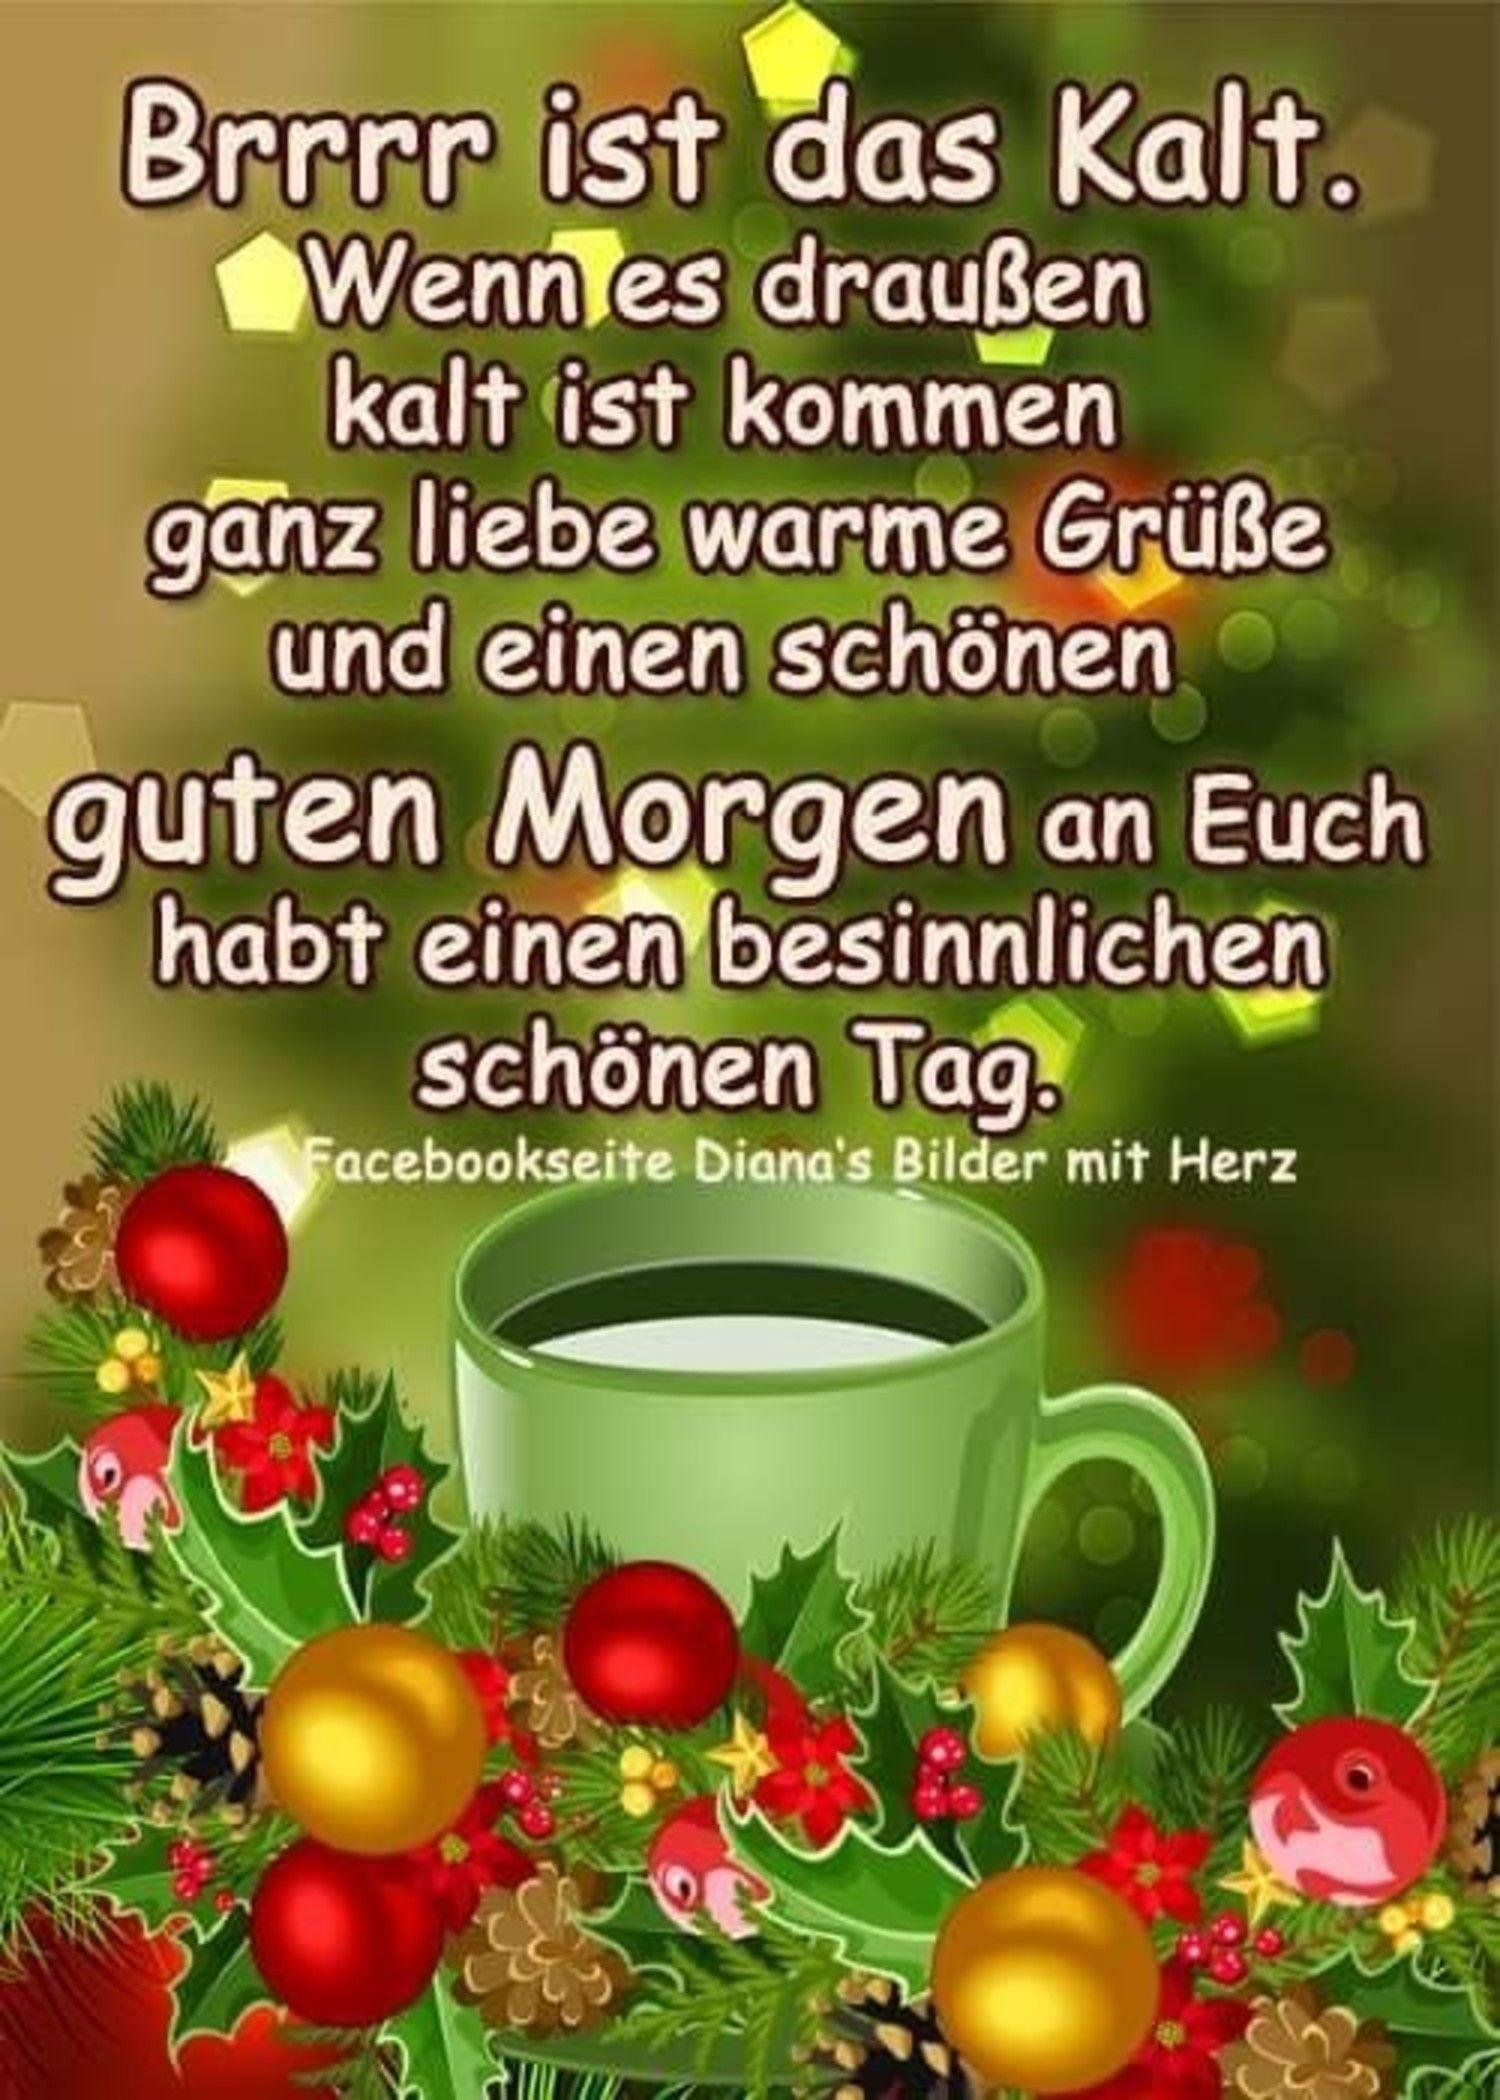 Jappy Bilder Guten Morgen 608 Guten Morgen Bilder Weihnachten Guten Morgen Guten Morgen Bilder